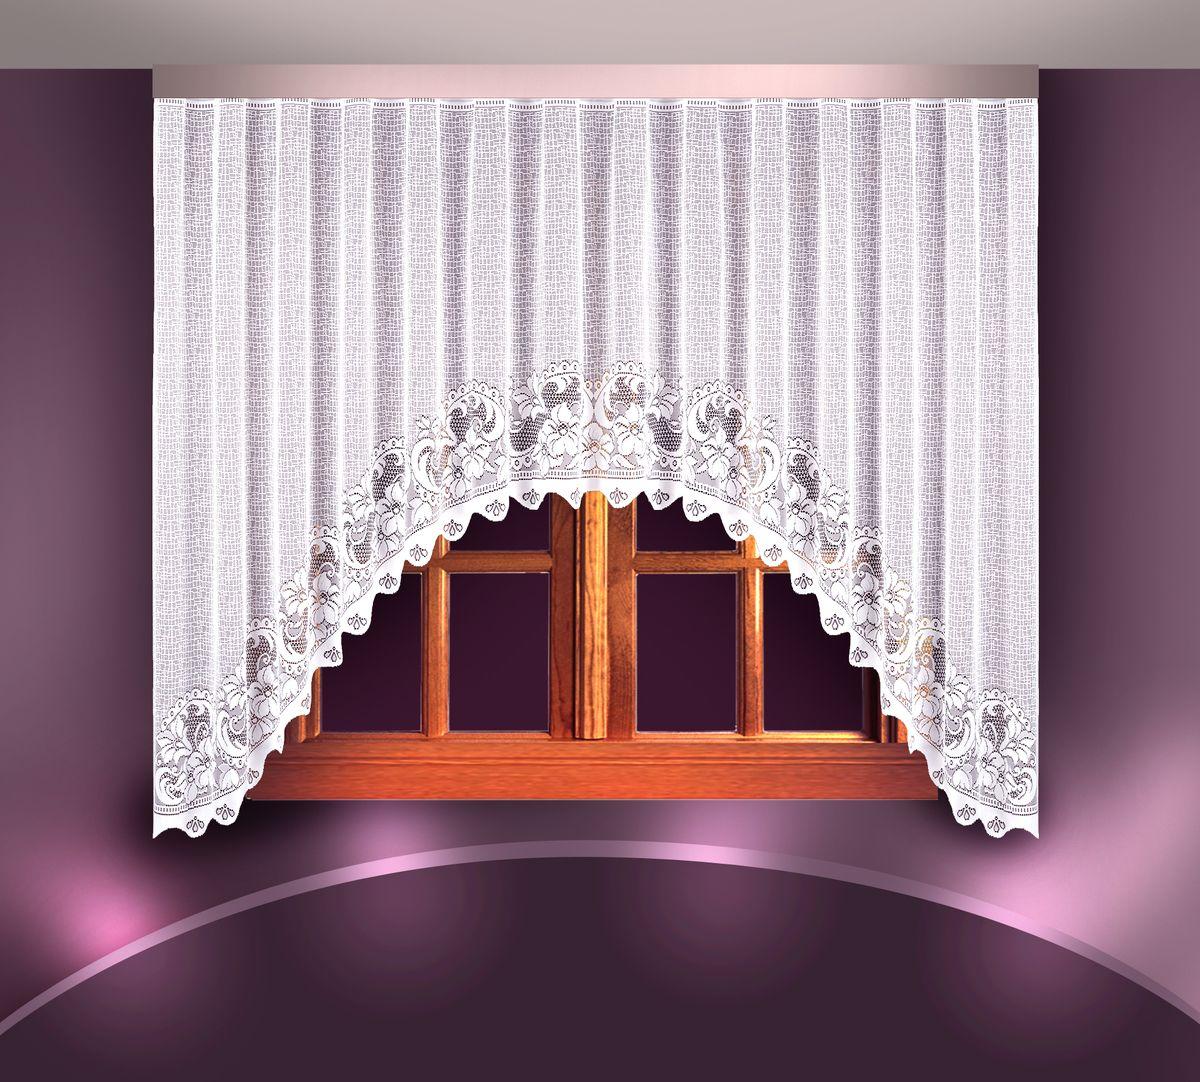 Гардина Zlata Korunka, цвет: белый, высота 180 см. 8883188831Воздушная гардина Zlata Korunka, изготовленная из полиэстера белого цвета, станет великолепным украшением любого окна. Гардина выполнена из сетчатого материала в виде арки и декорирована цветочным узором. Тонкое плетение и оригинальный дизайн привлекут к себе внимание и органично впишутся в интерьер. Верхняя часть гардины не оснащена креплениями.